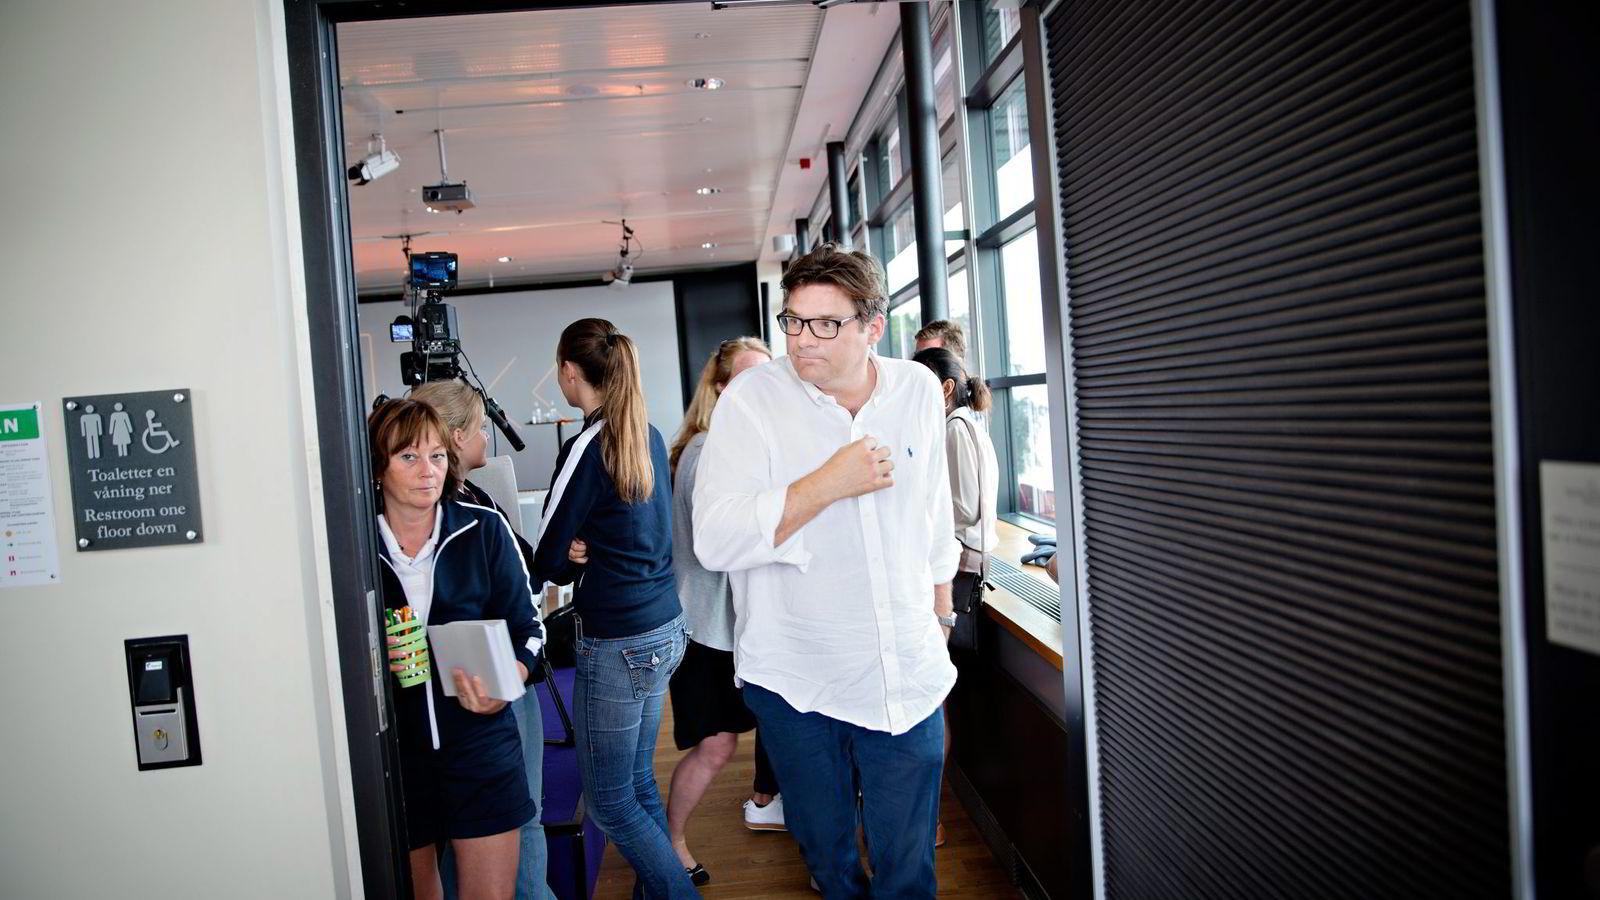 Aftonbladets publisher Jan Helin rettet skyts mot tradisjonelle mediehus som inngår partnerskap med Facebooks nye nyhetstjeneste, Instant Articles. Foto: Kristian Ridder-Nielsen